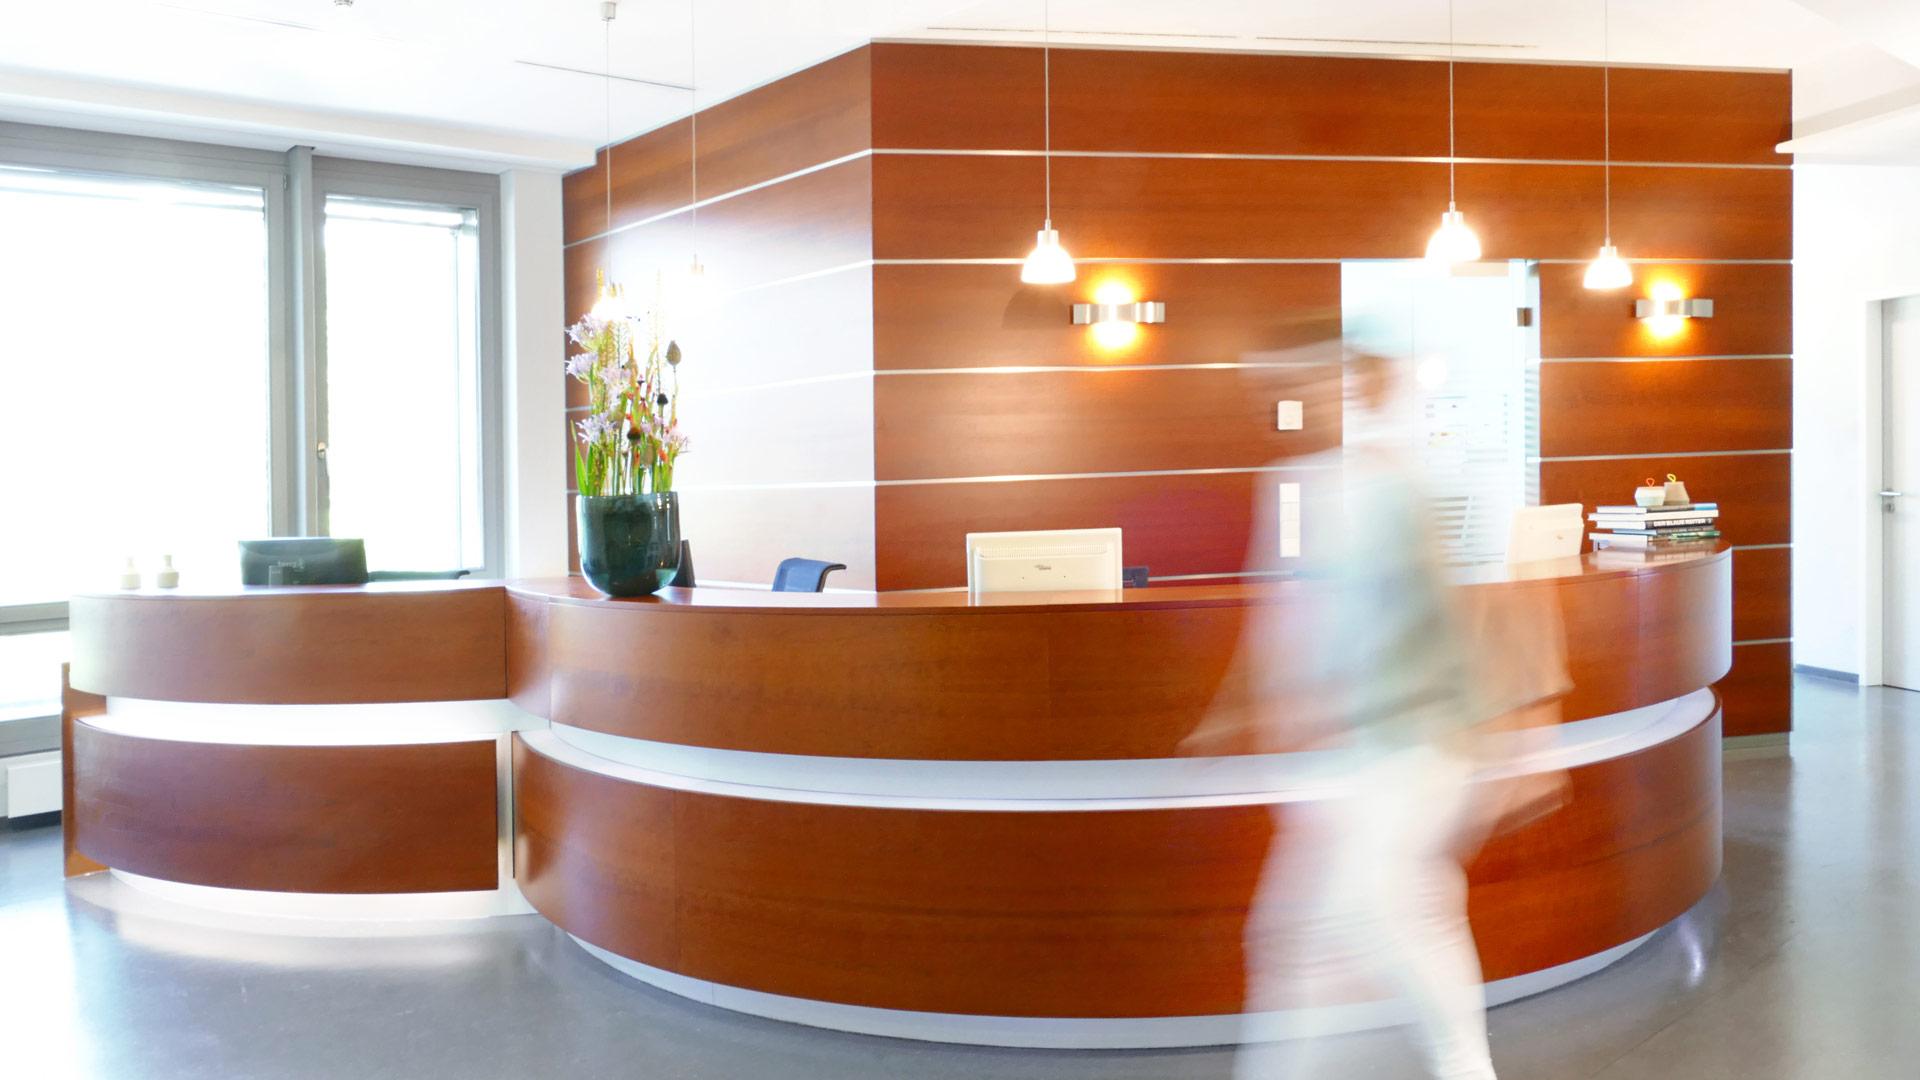 radiologie_cityplaza_stuttgart_innenstadt_zentrum_1370103-2